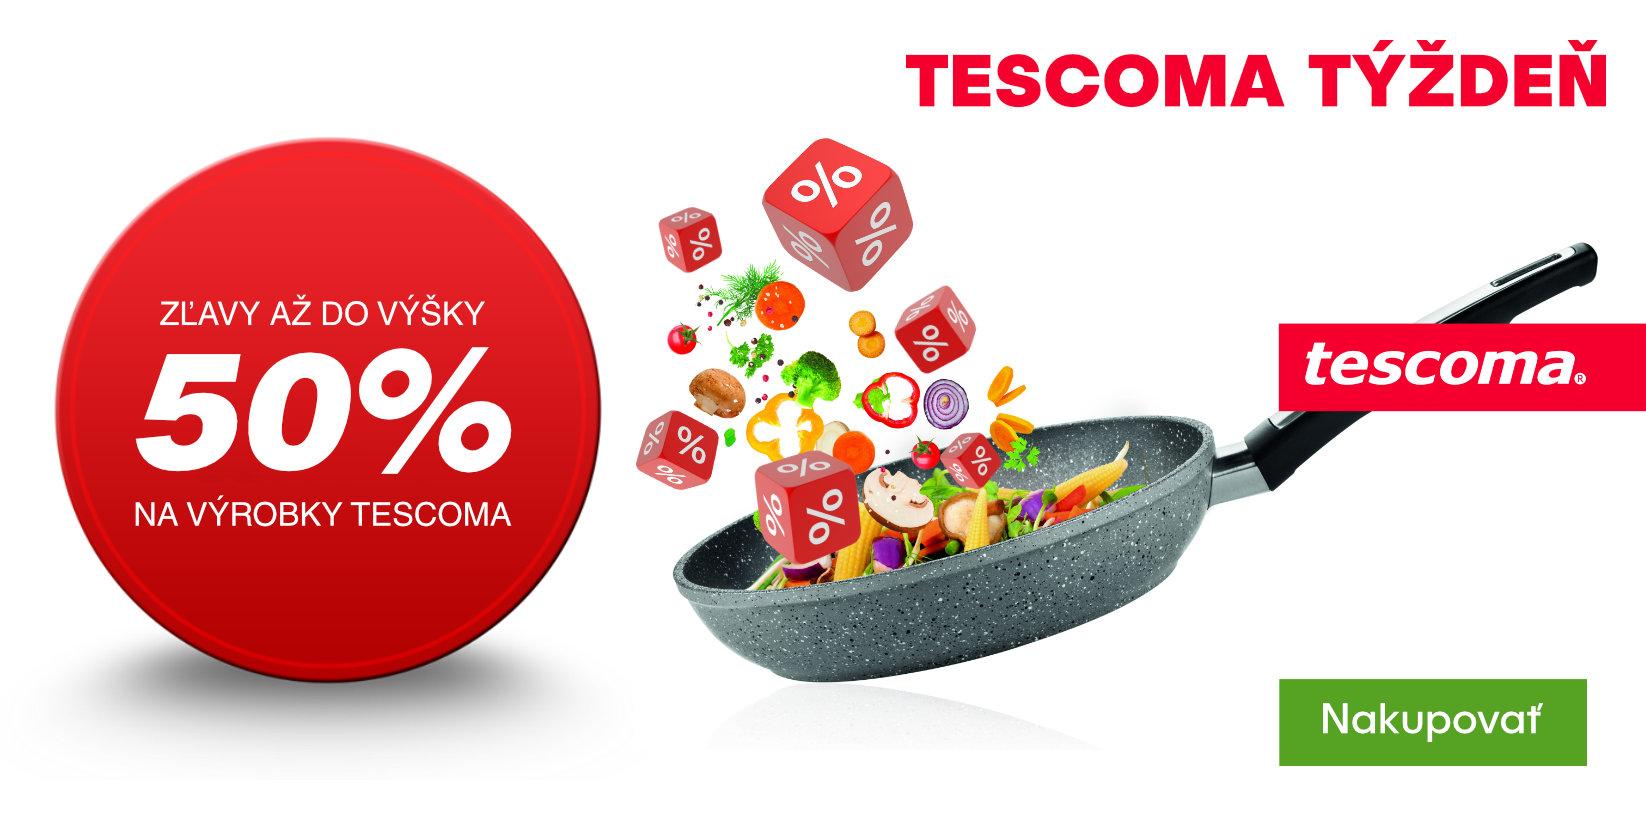 Zľavy až do výšky 50% na výrobky Tescoma